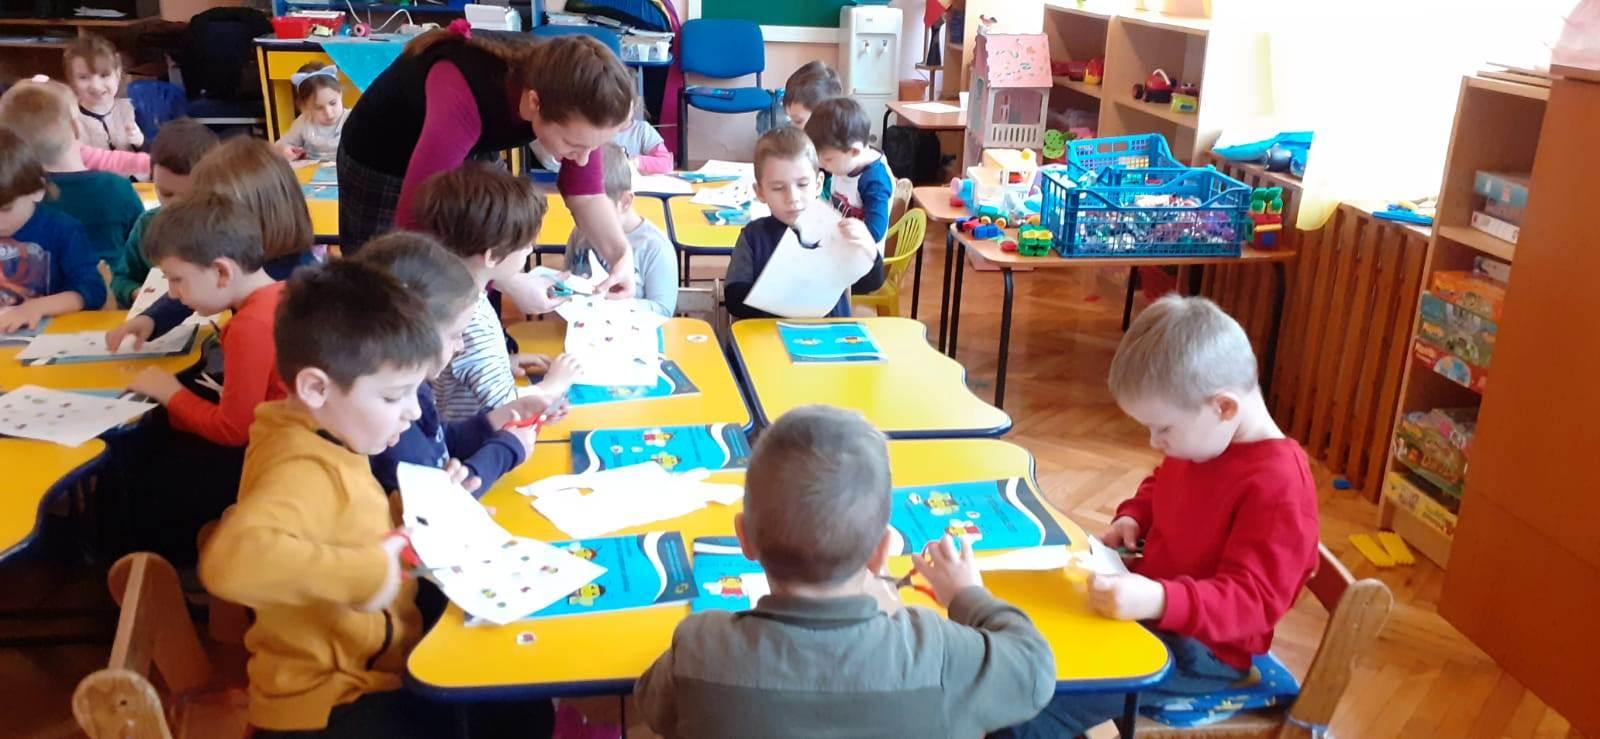 Preșcolarii hunedoreni învață să adopte un stil de viață sănătos, alături de Fifi și Bondărel